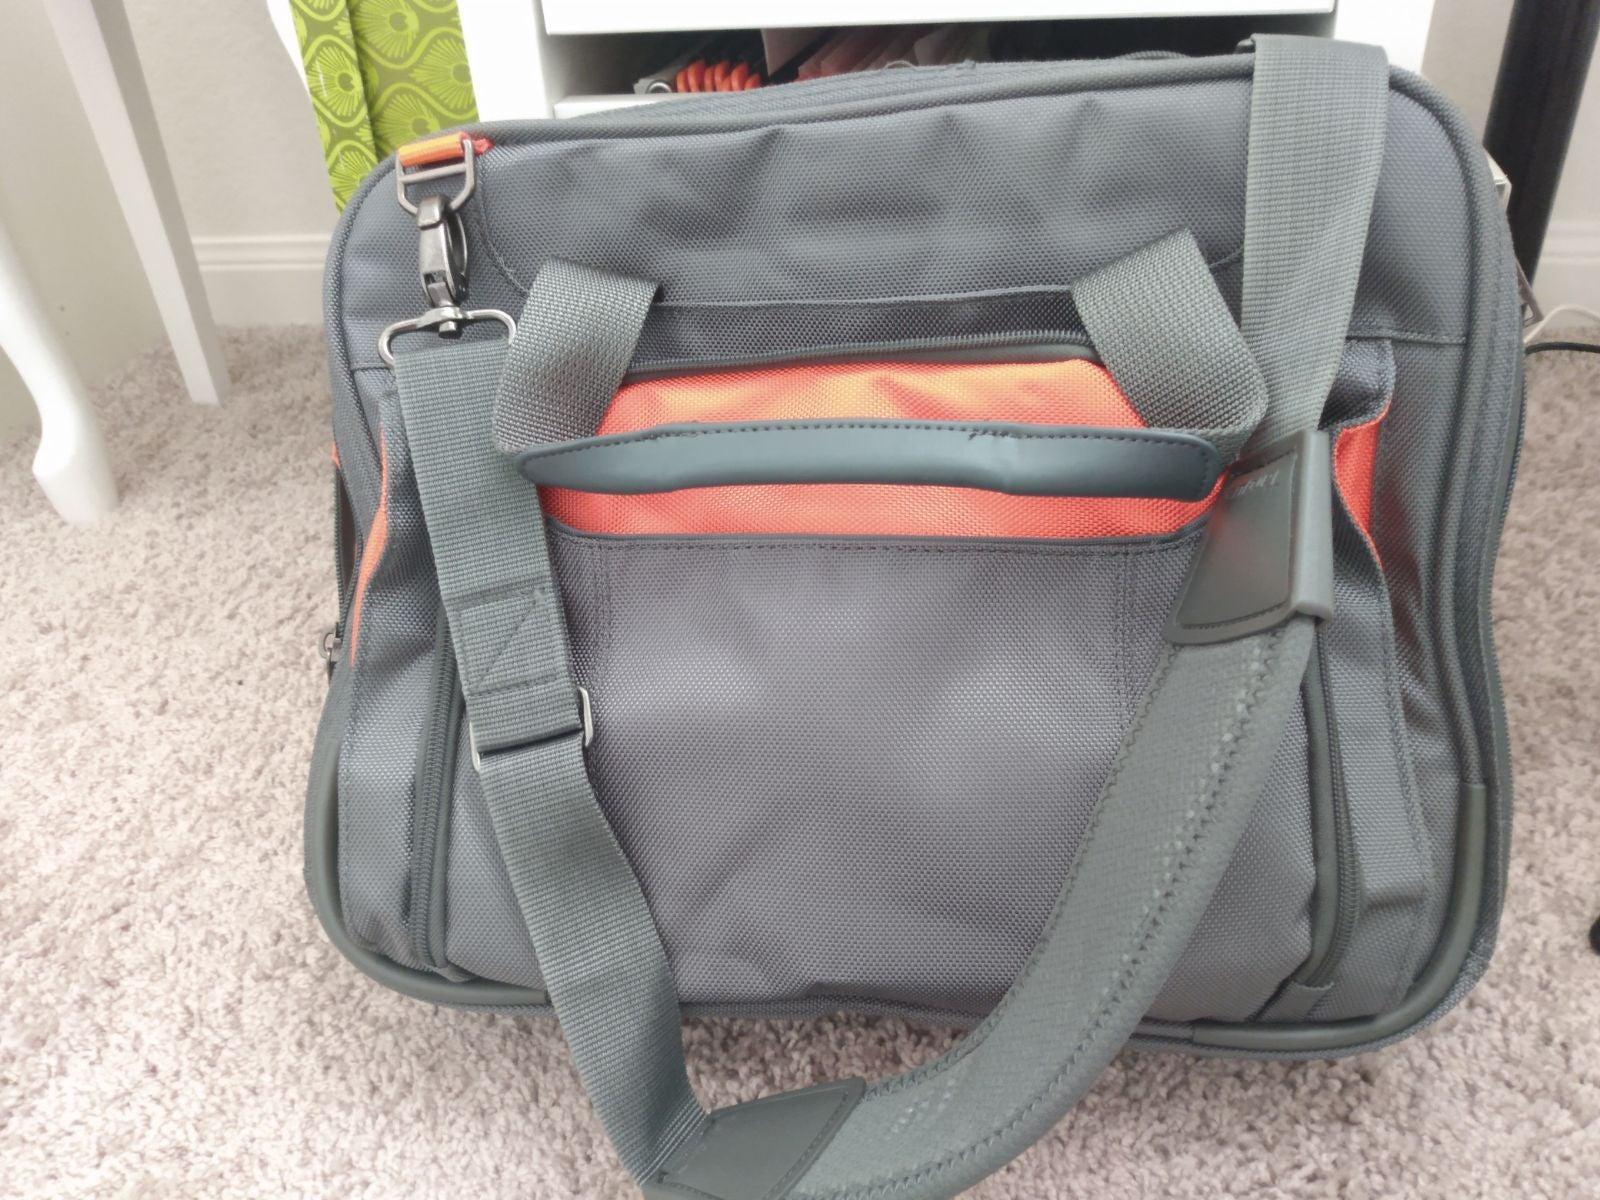 Targus laptop protection shoulder bag